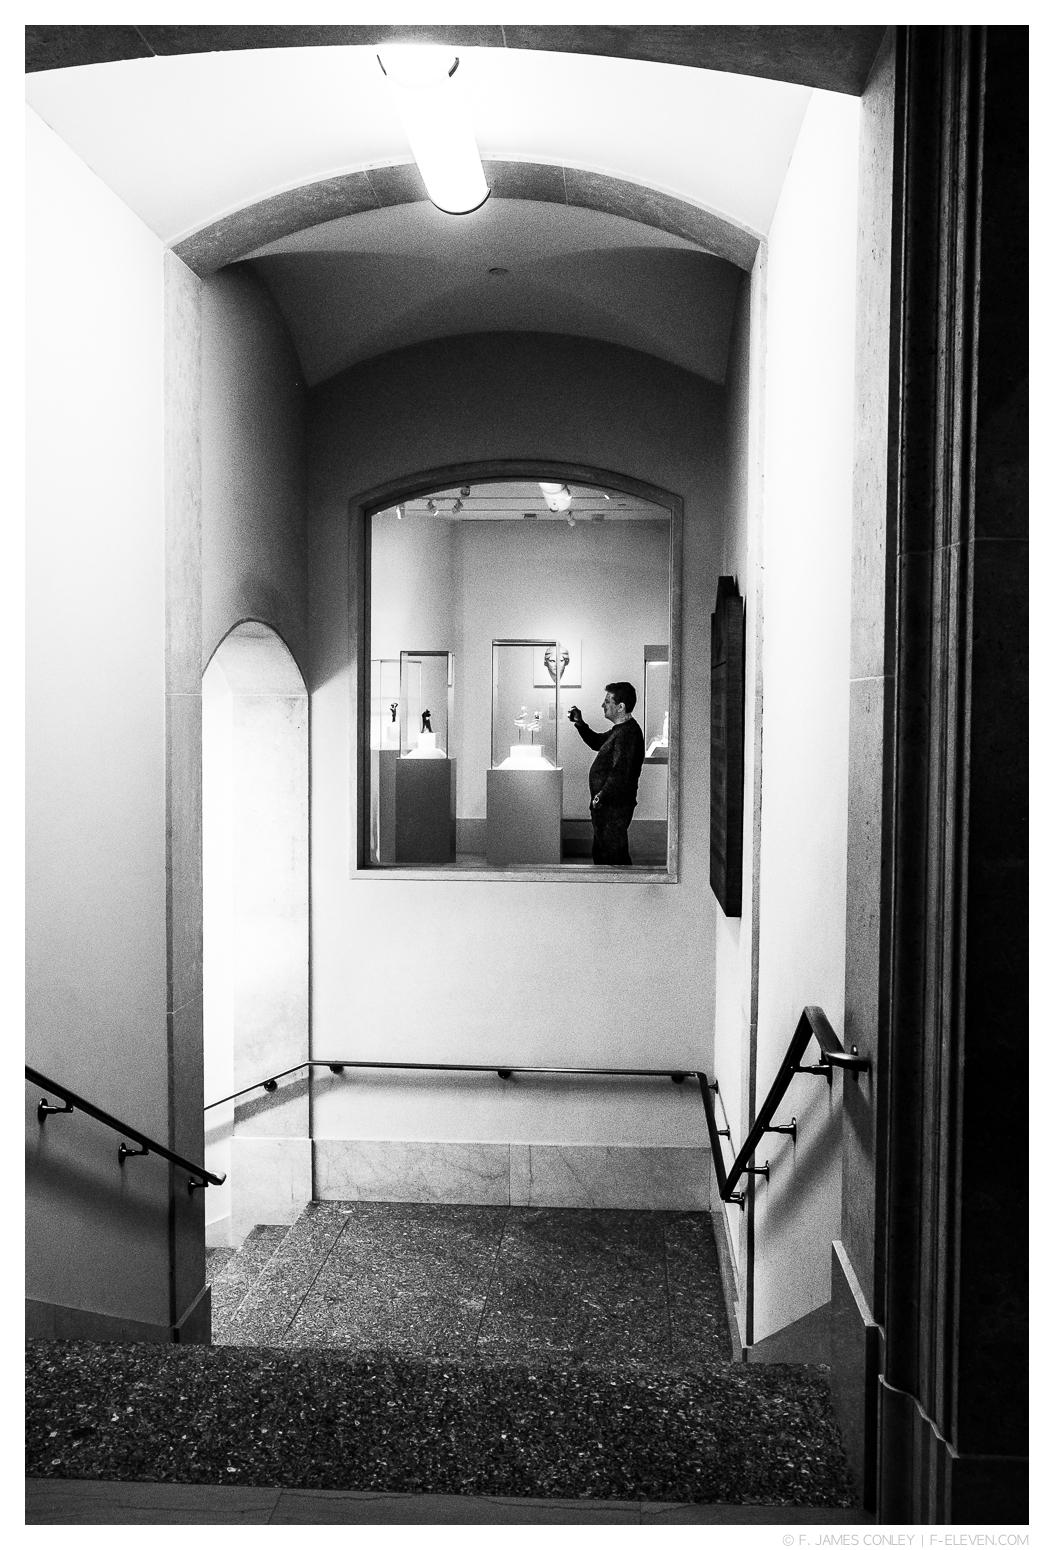 A man photographs art.